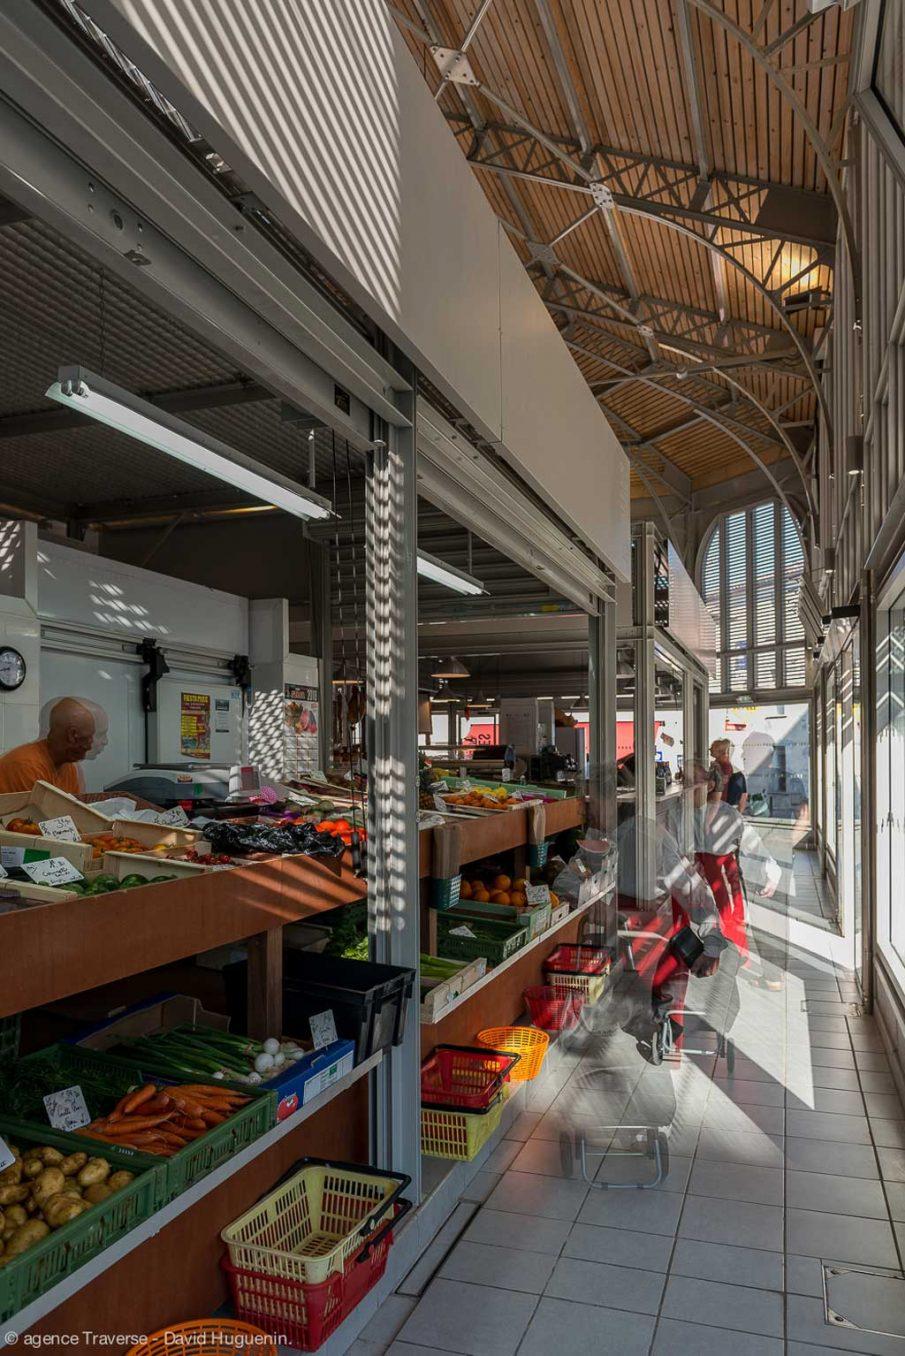 Traverses - vue intérieure des halles rénovées et transparences vers l'extérieur